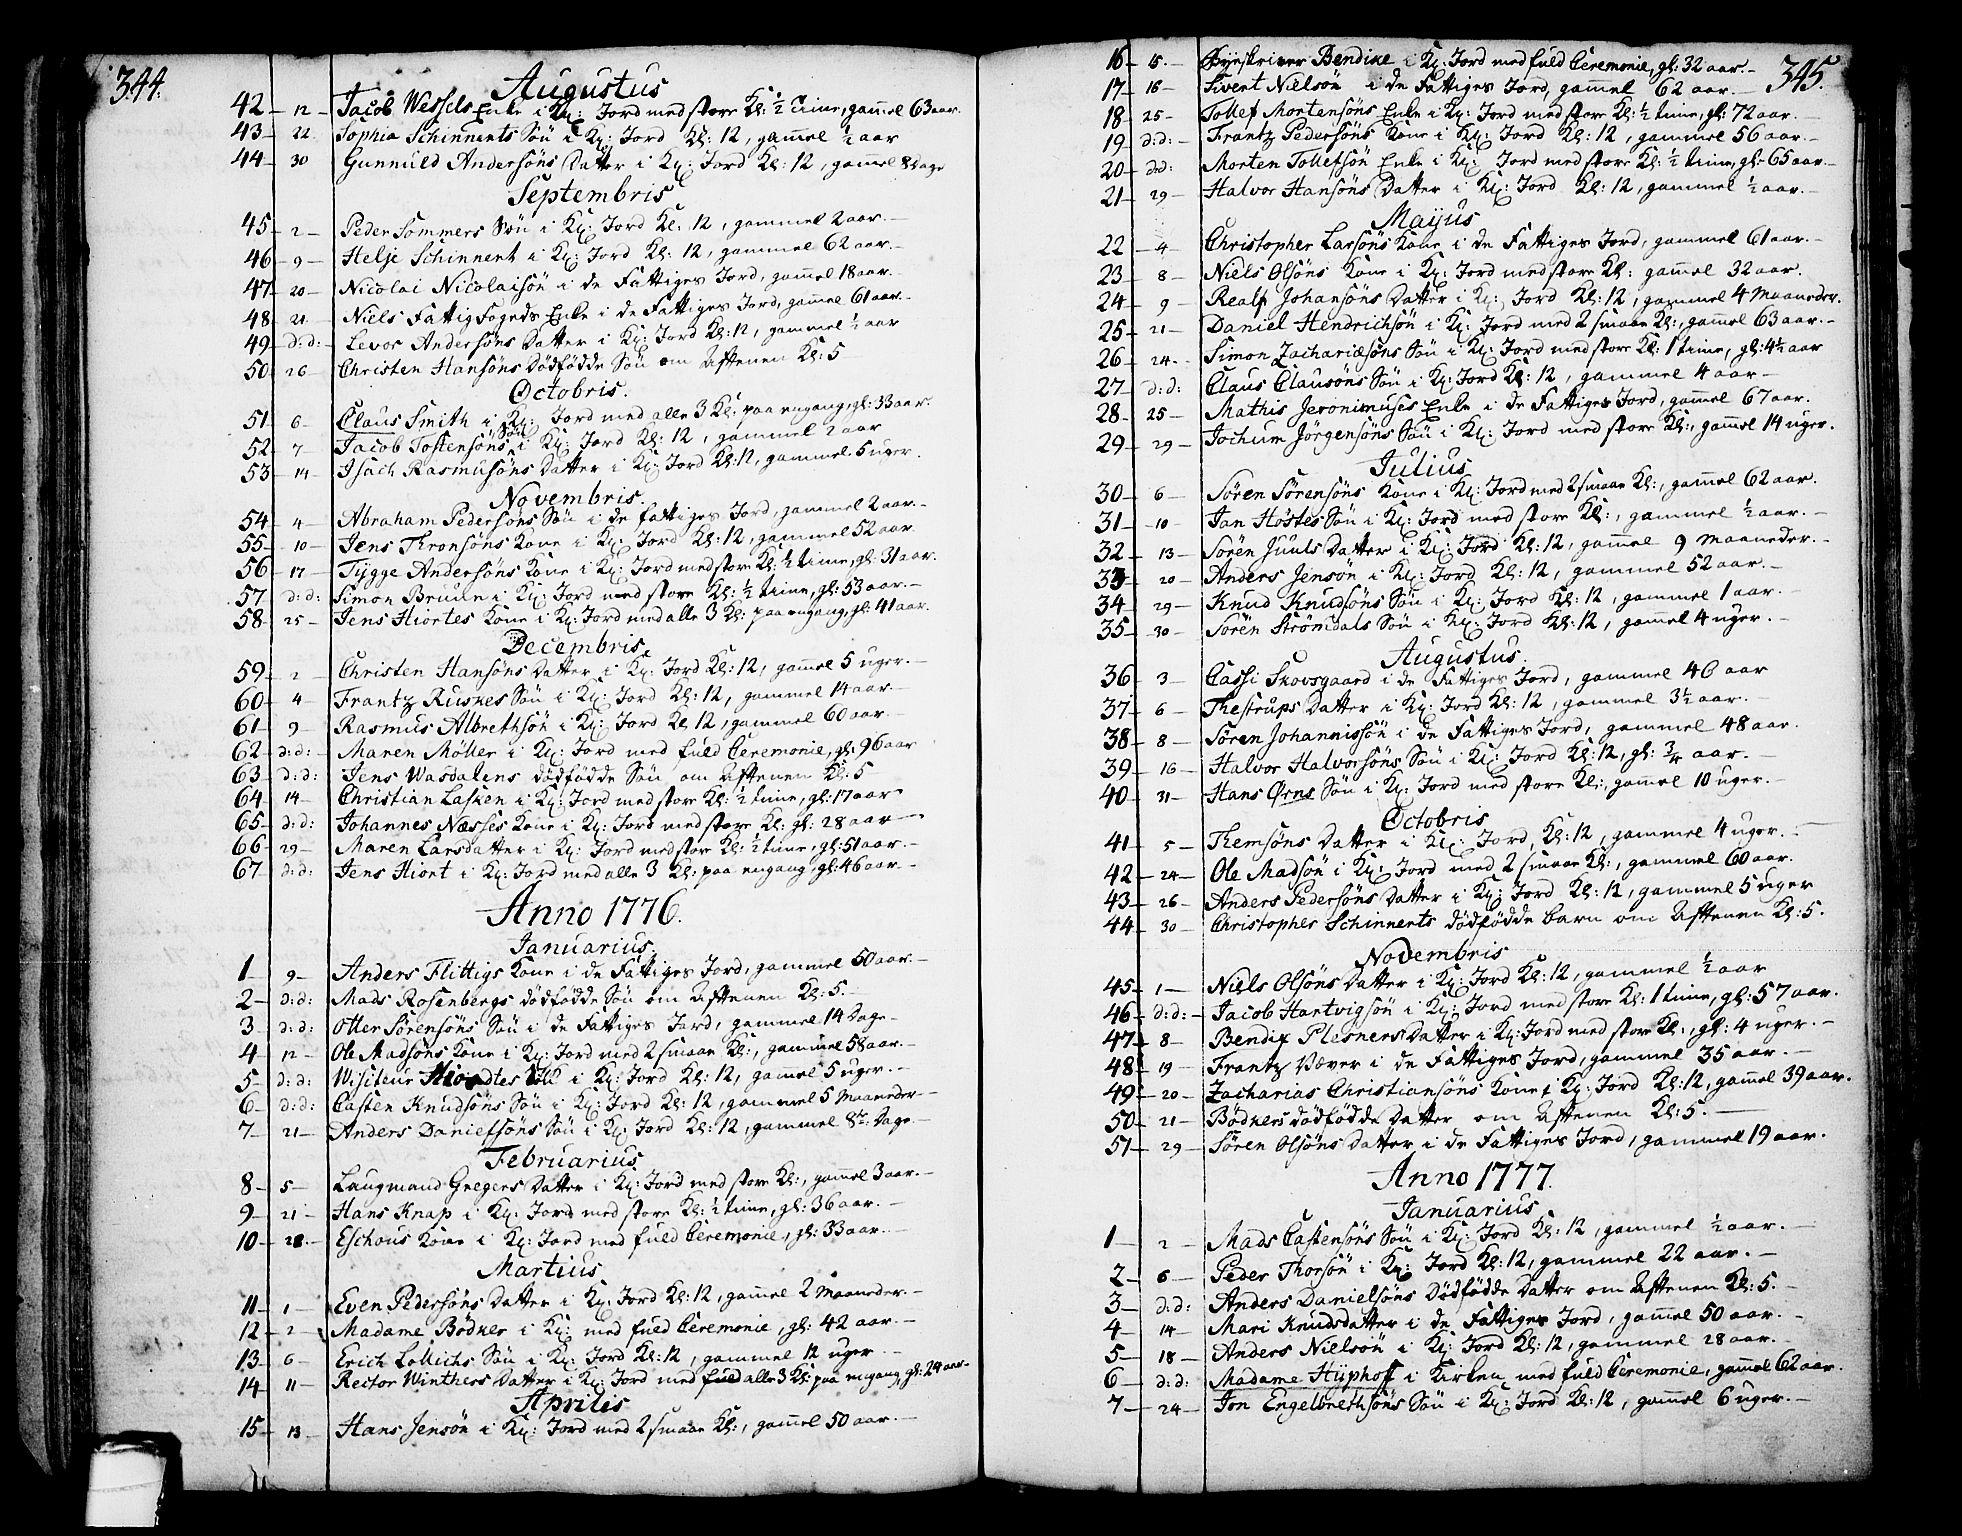 SAKO, Skien kirkebøker, F/Fa/L0003: Ministerialbok nr. 3, 1755-1791, s. 344-345